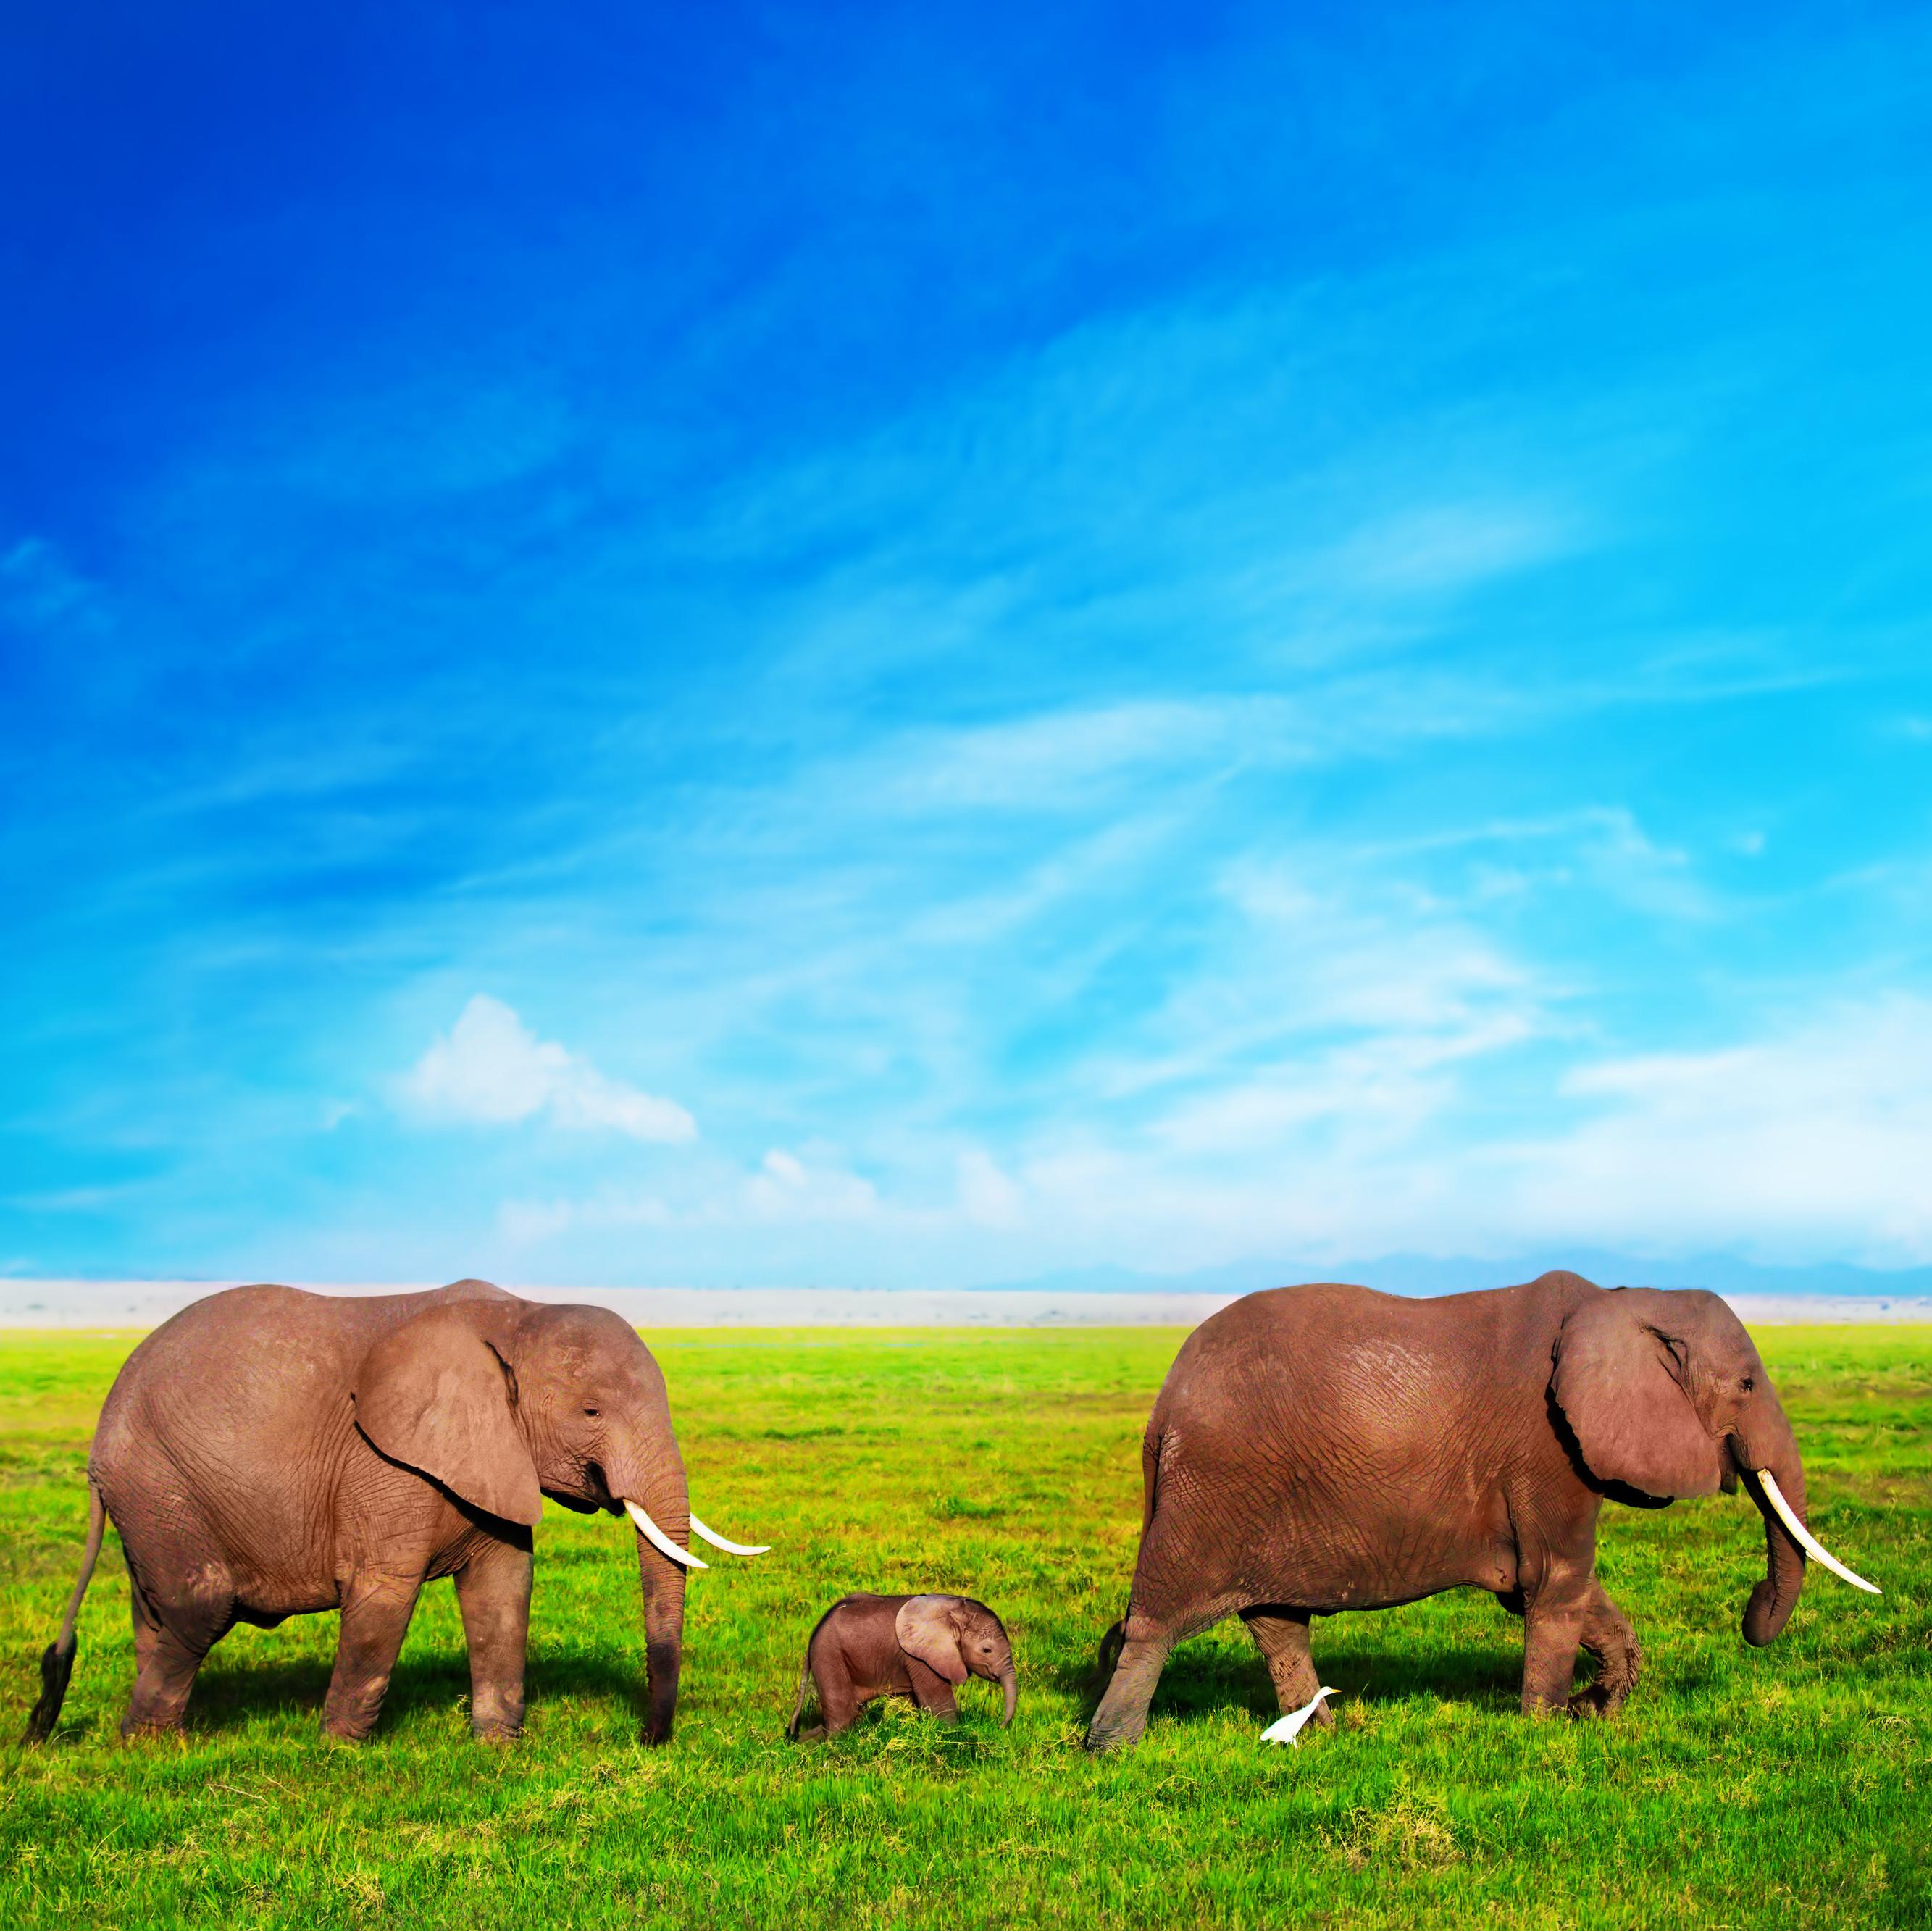 Elephants sqr